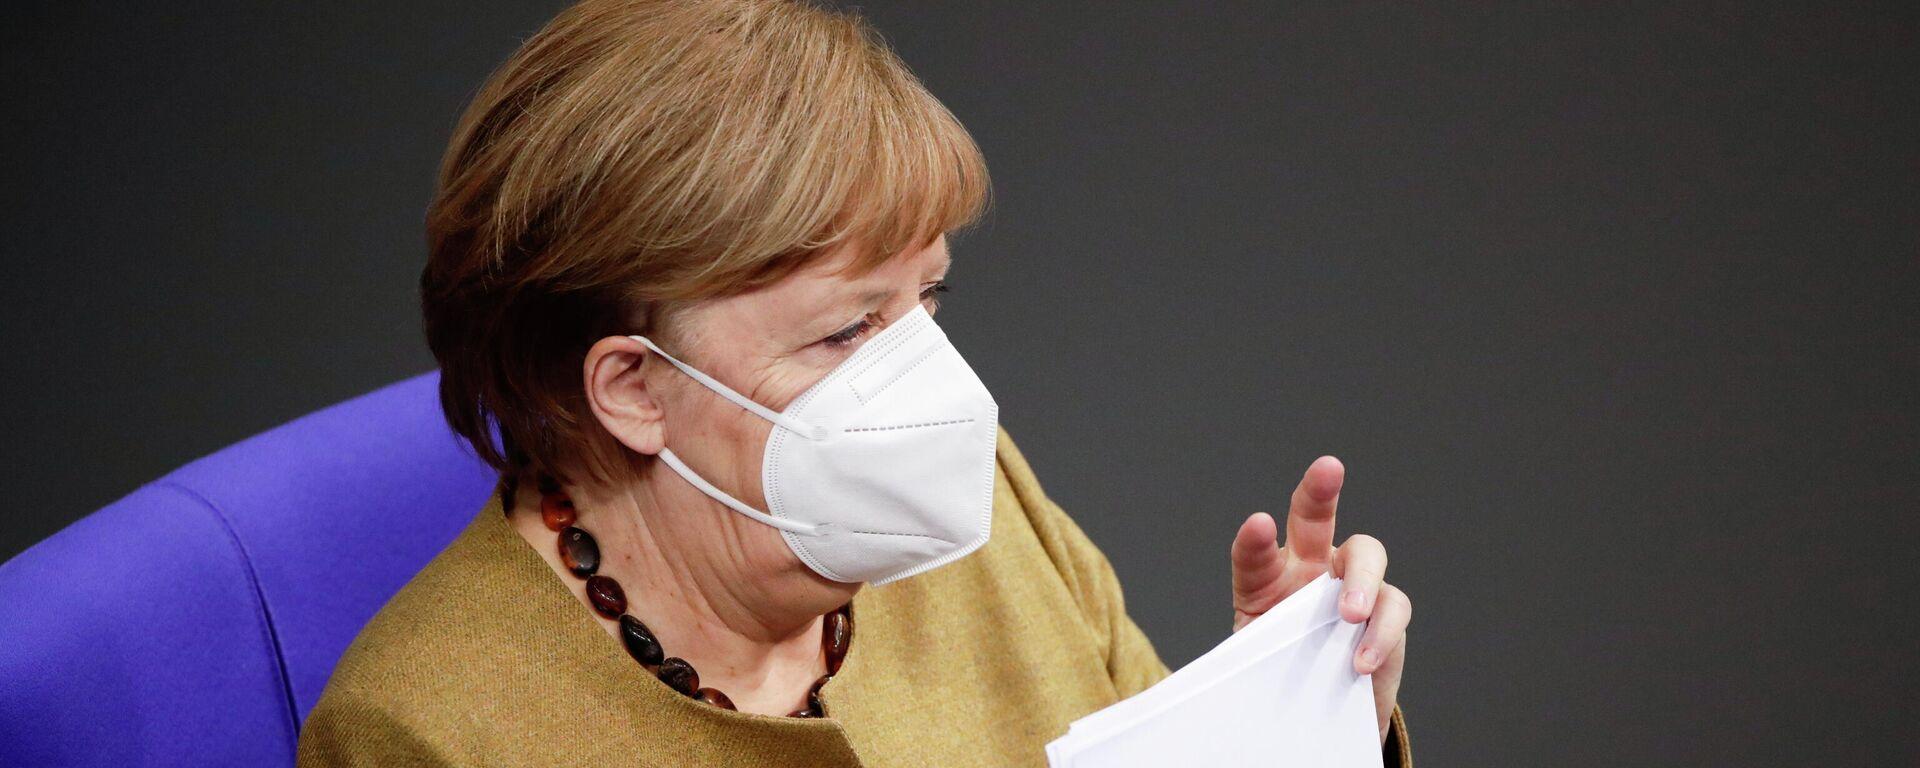 Bundeskanzlerin Angela Merkel im Bundestag (Berlin, 11.02.2021) - SNA, 1920, 11.02.2021